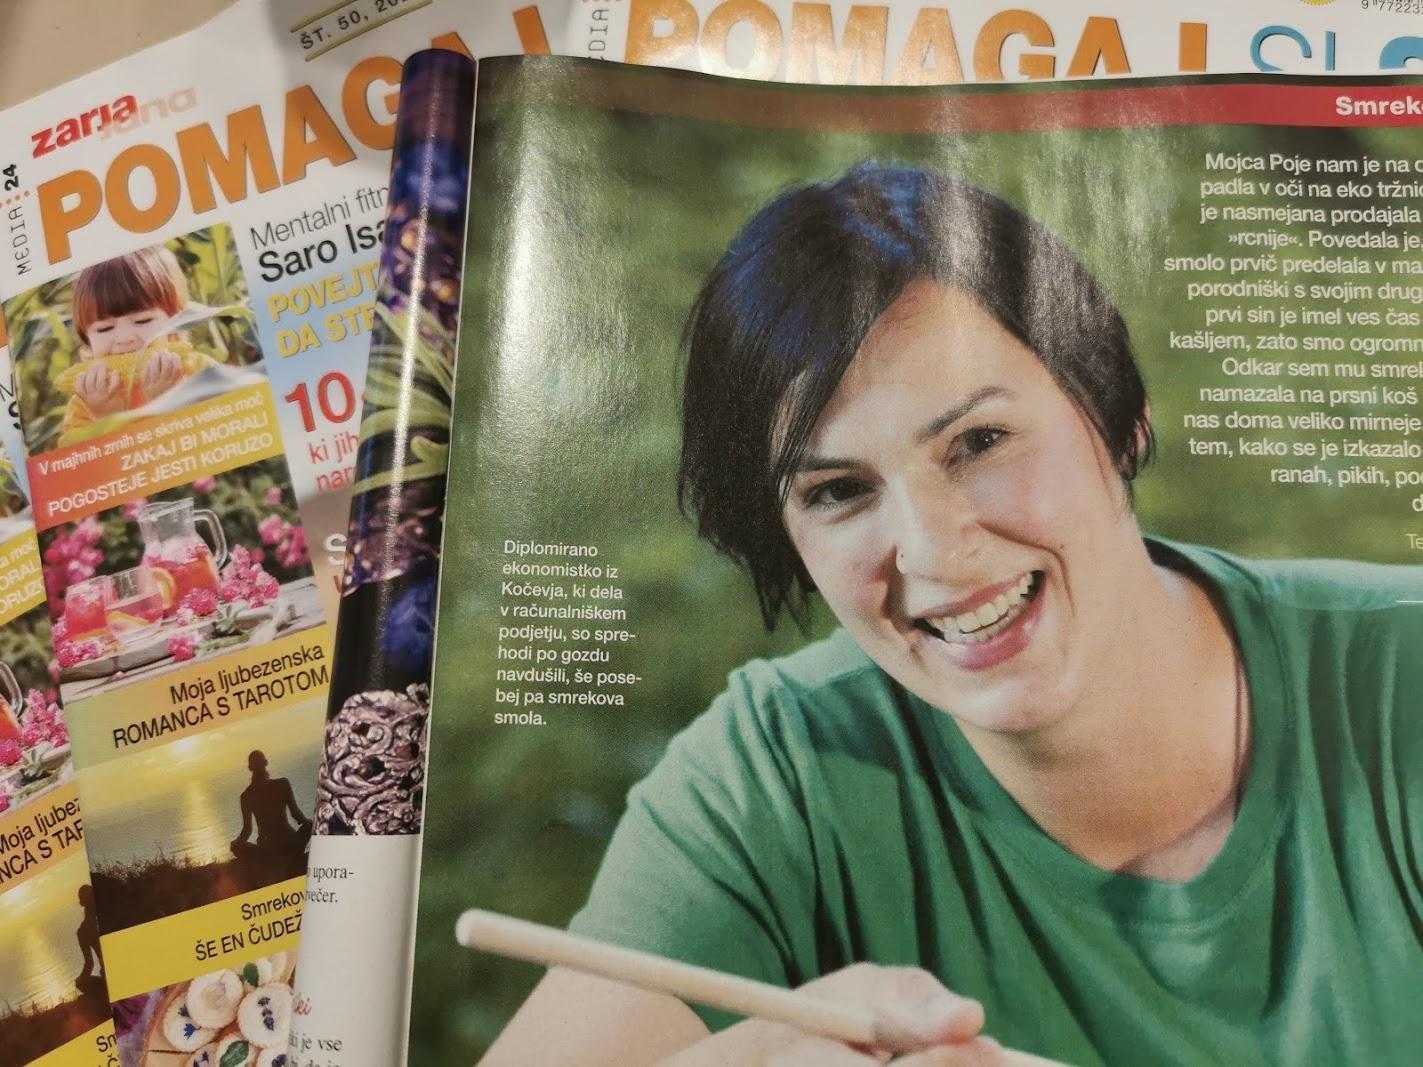 Smrekomaz-mojca-poje-revija-pomagaj-si-sam-12-07-21-zarja-jana-clanek-petra-arula-foto-mateja-jordovic-potocnik